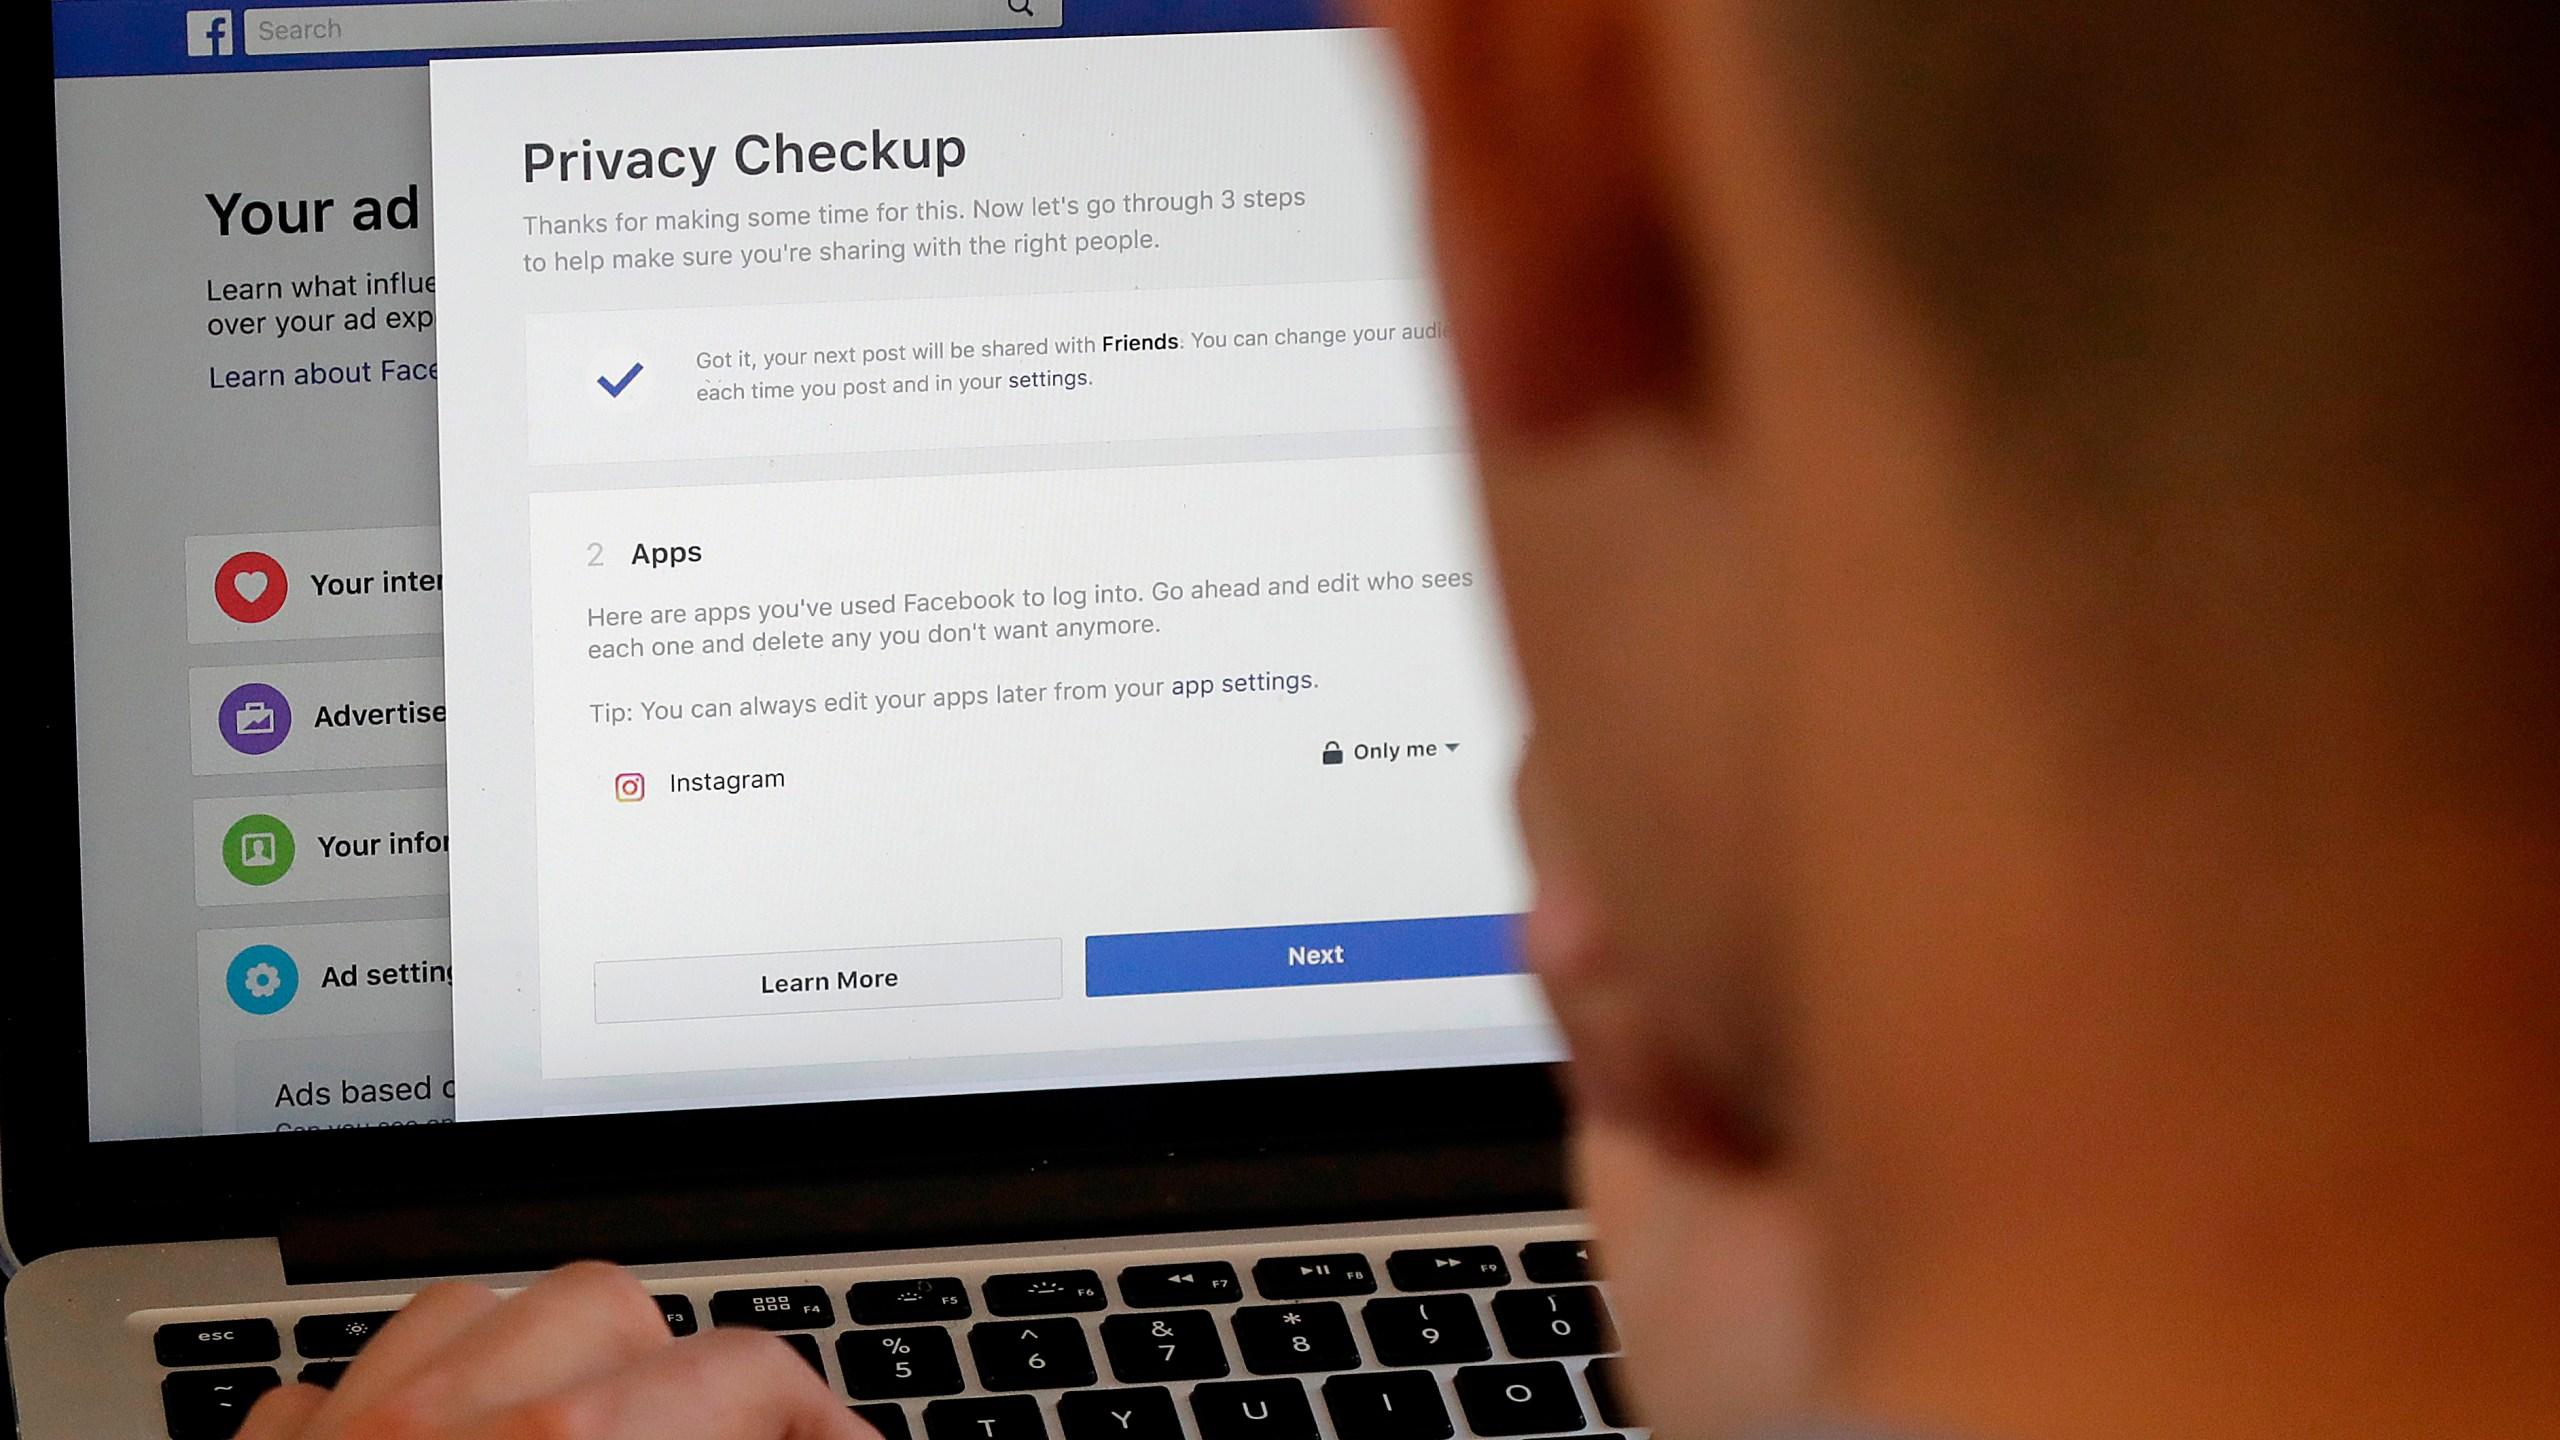 Facebook_Privacy_Scandal_Change_00419-159532.jpg60878545